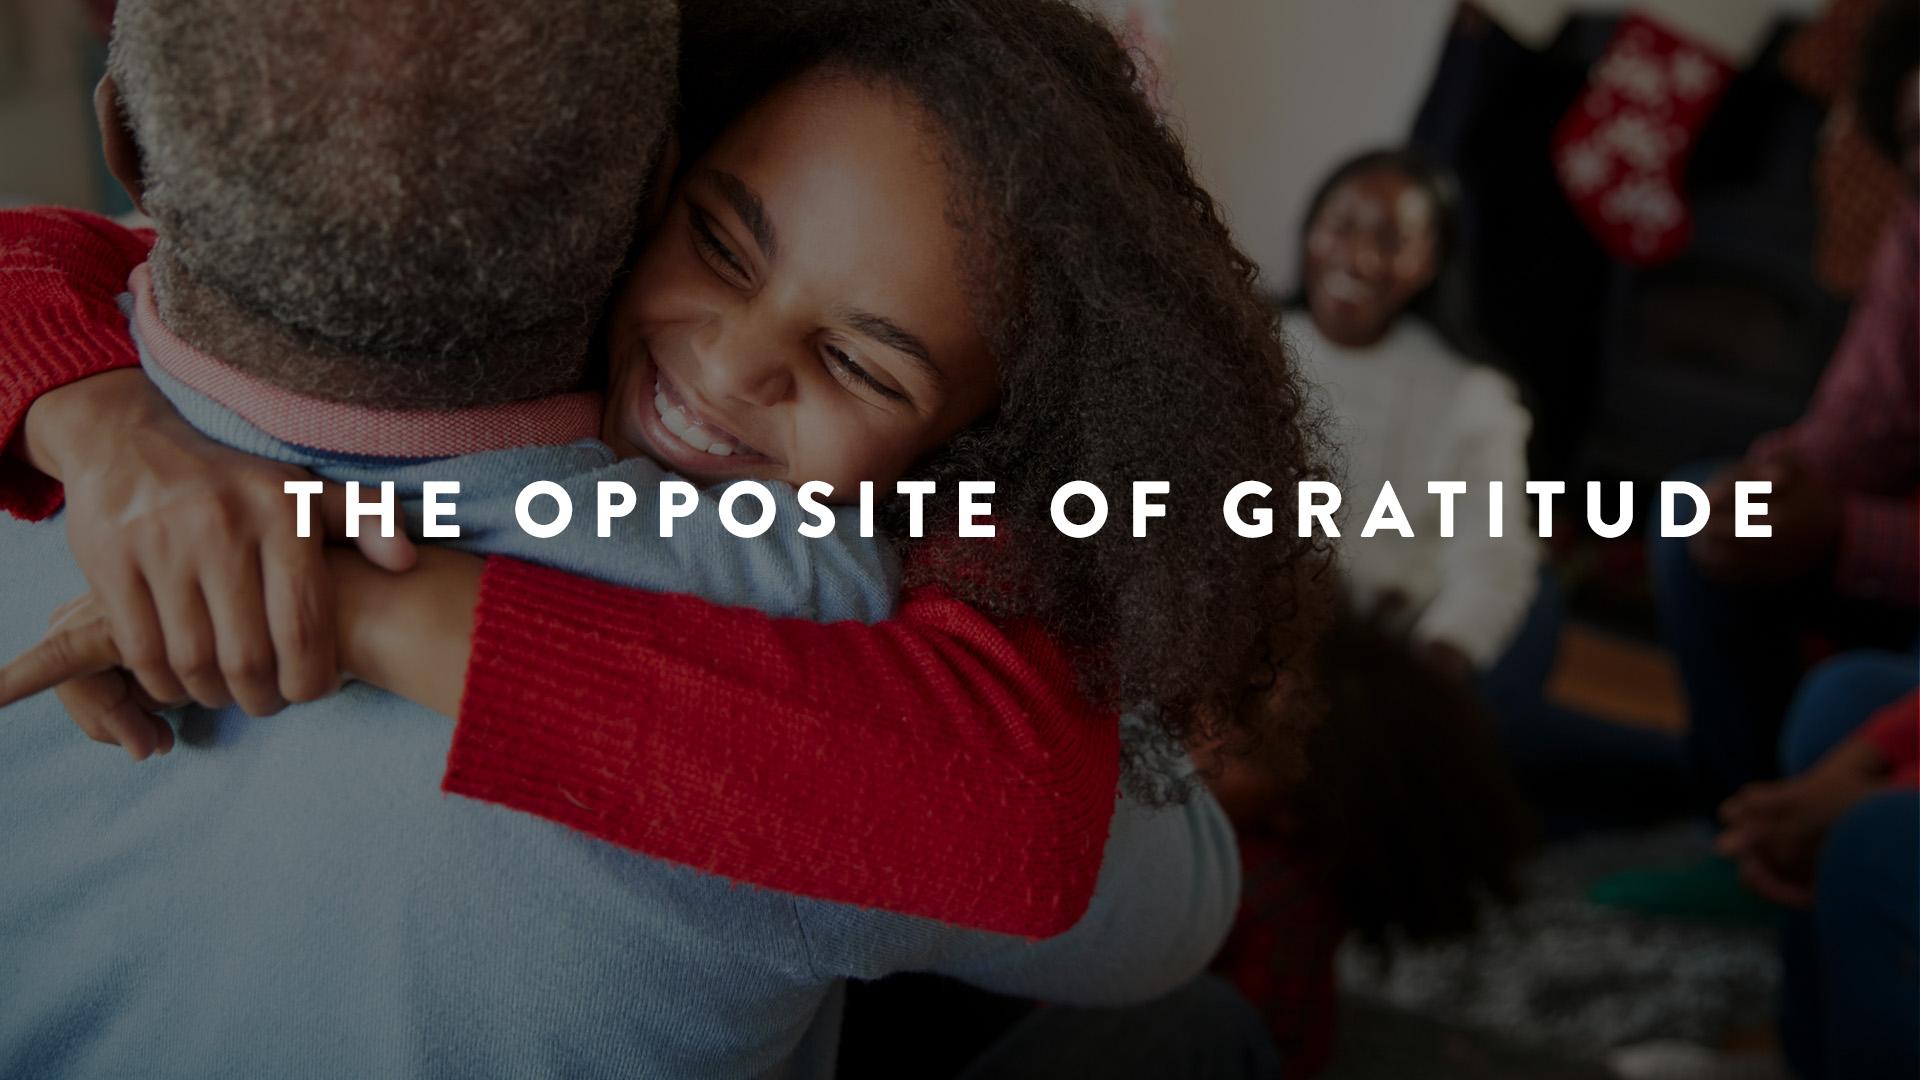 The Opposite of Gratitude